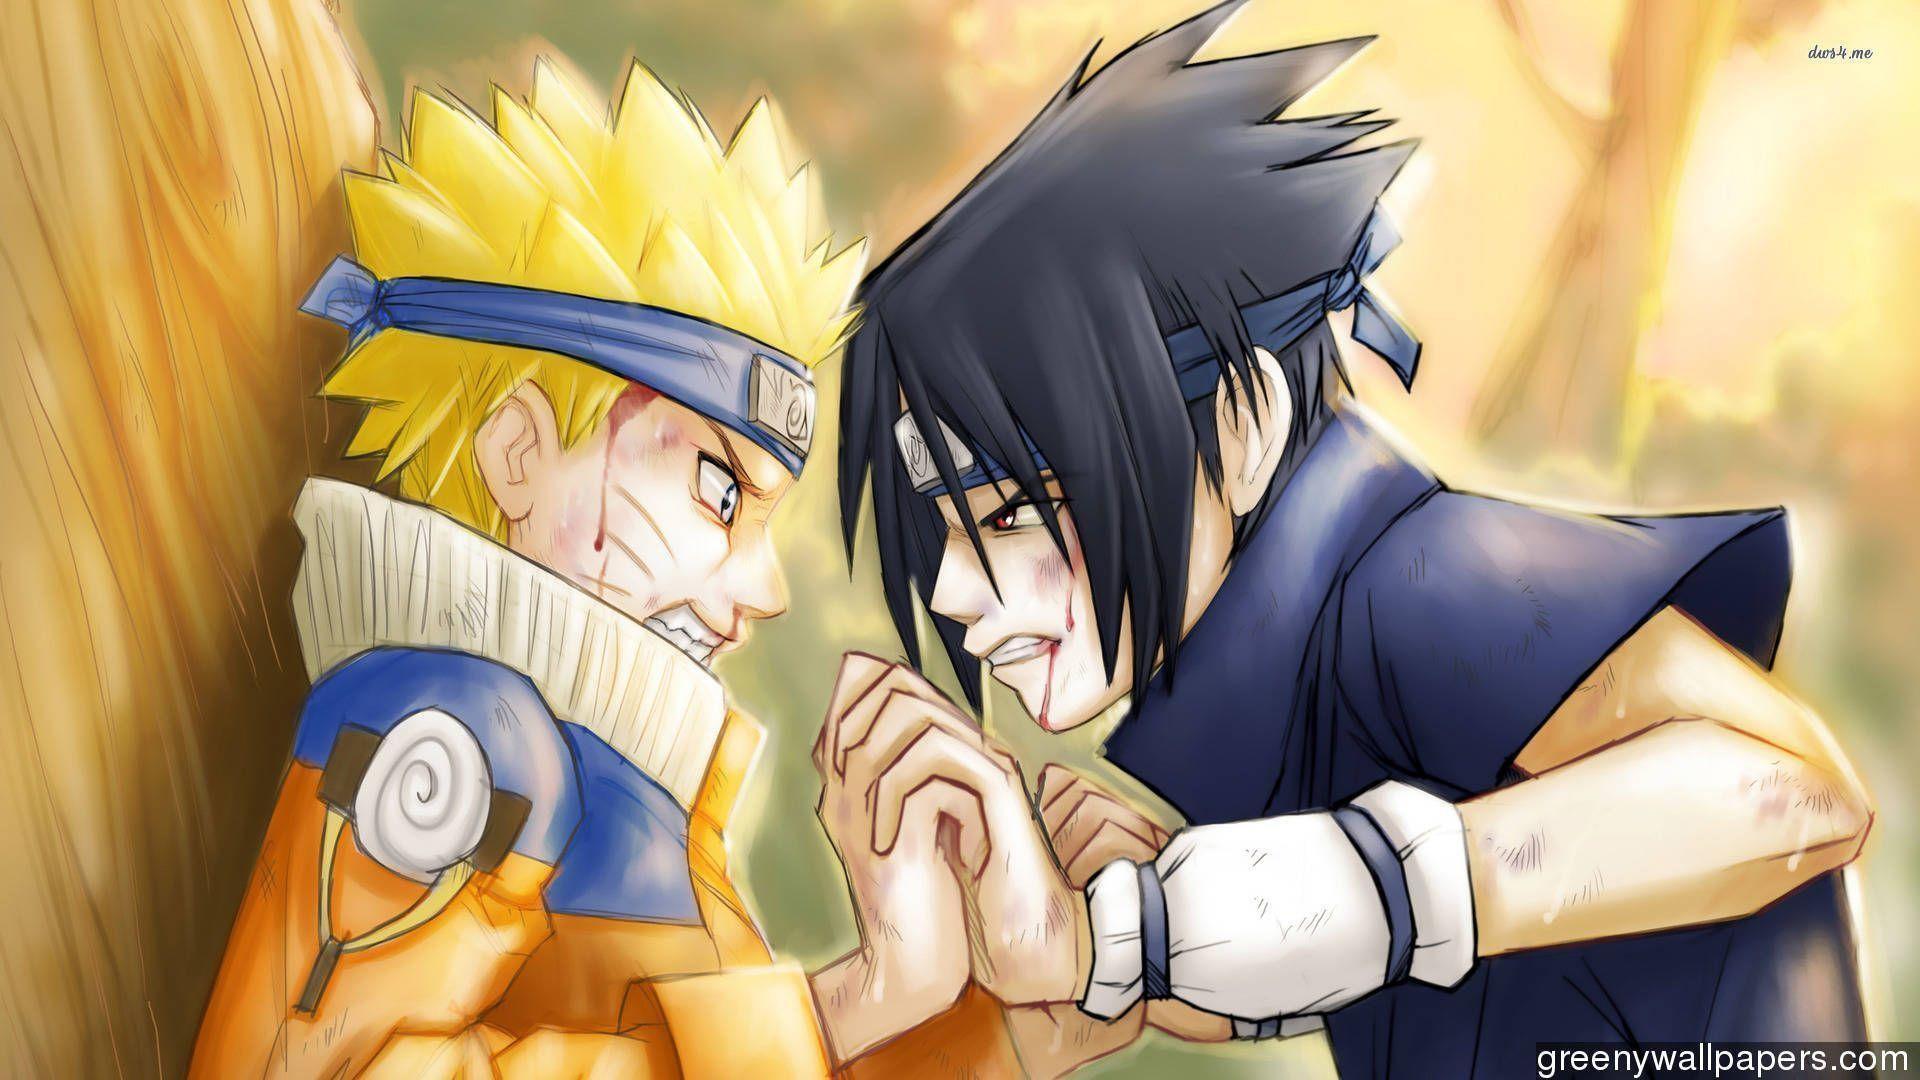 Naruto Vs Sasuke High Resolution Wallpapers : Anime Wallpaper .